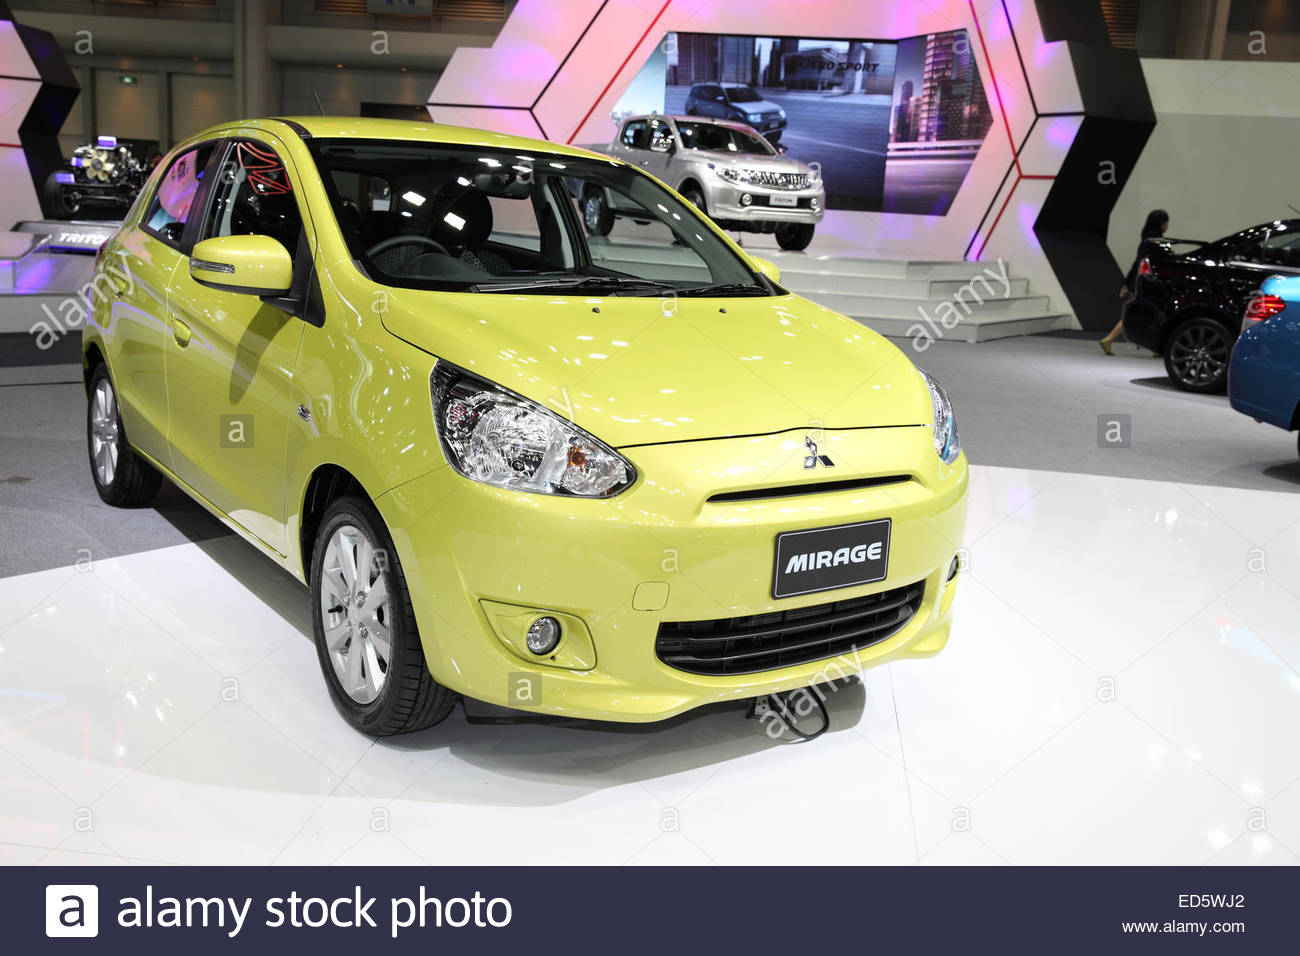 9878ae905 BANGKOK - November 28: Mitsubishi Mirage car on display at The Motor Expo  2014 on